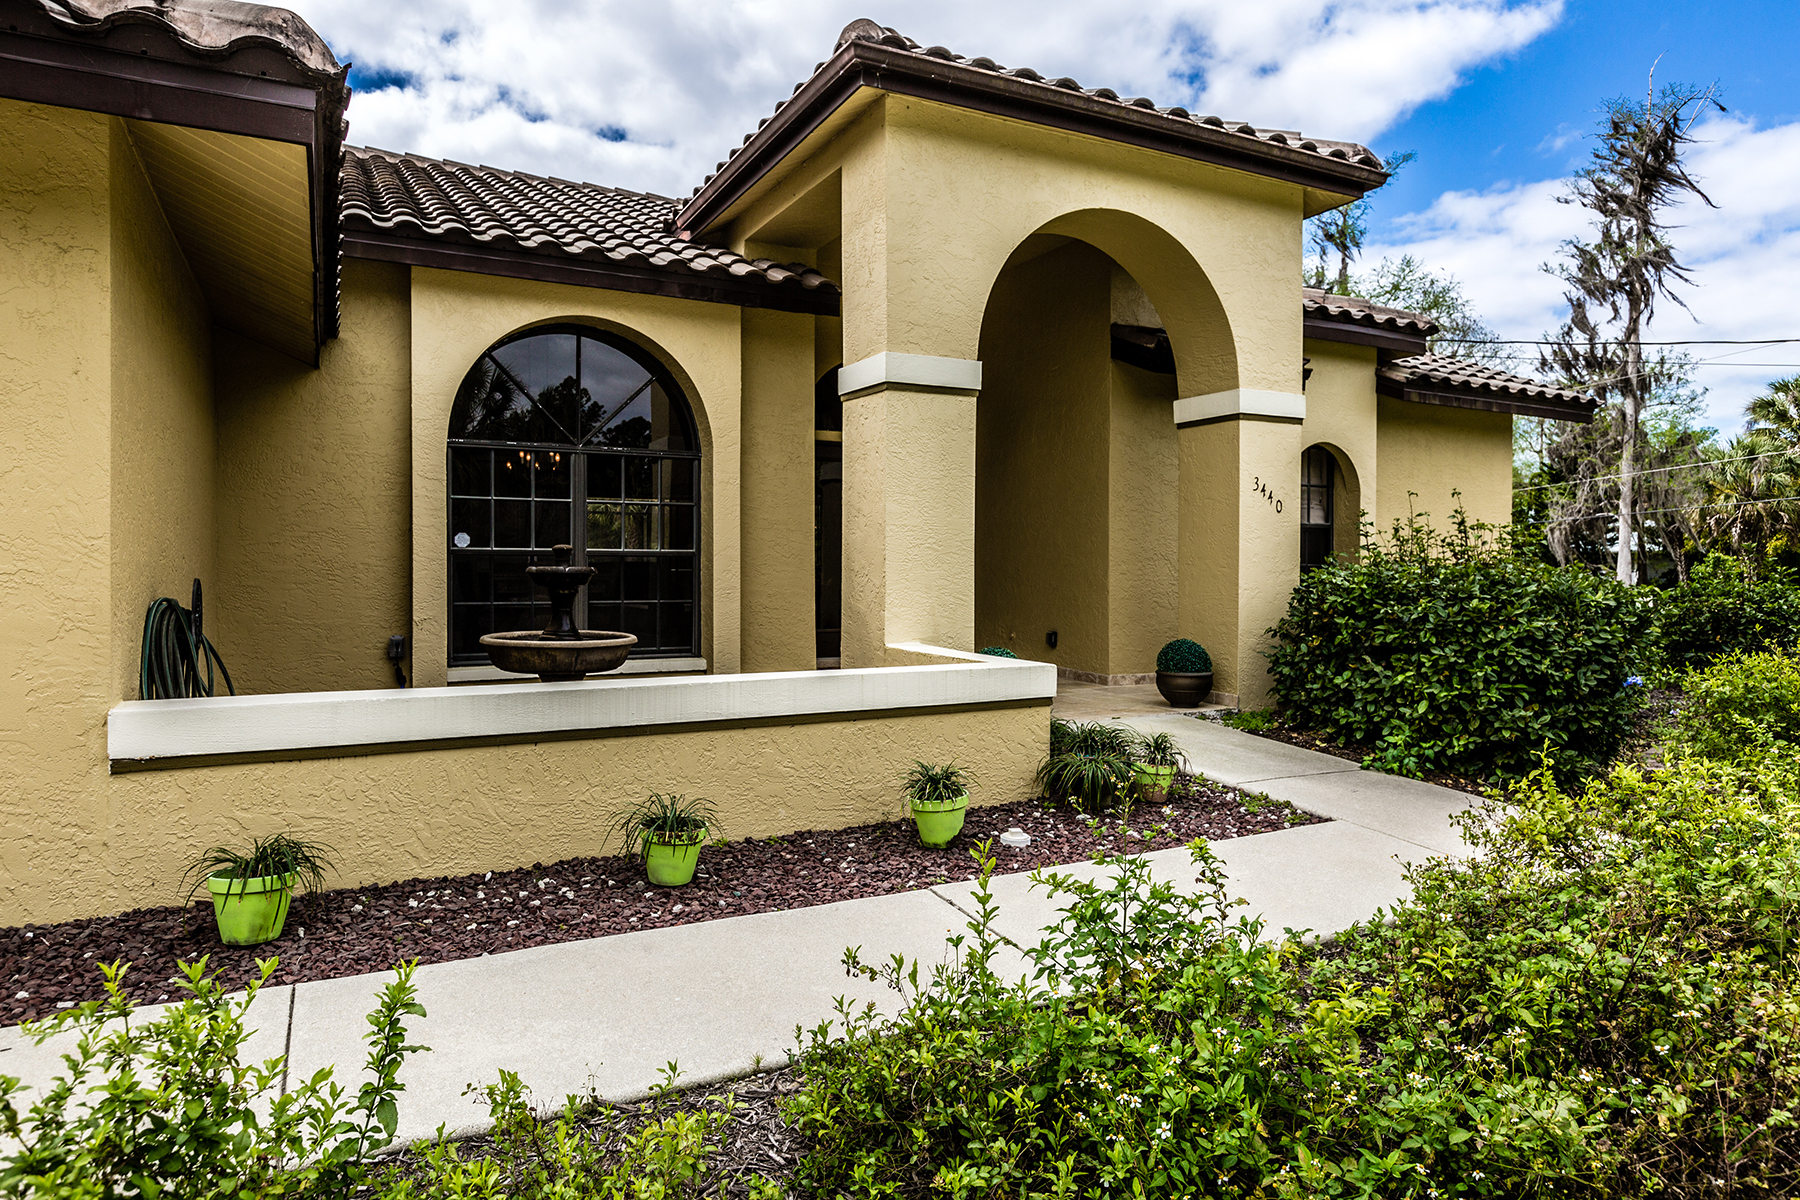 Частный односемейный дом для того Продажа на NAPLES - GOLDEN GATE ESTATES 3440 7th Ave SW Naples, Флорида, 34117 Соединенные Штаты